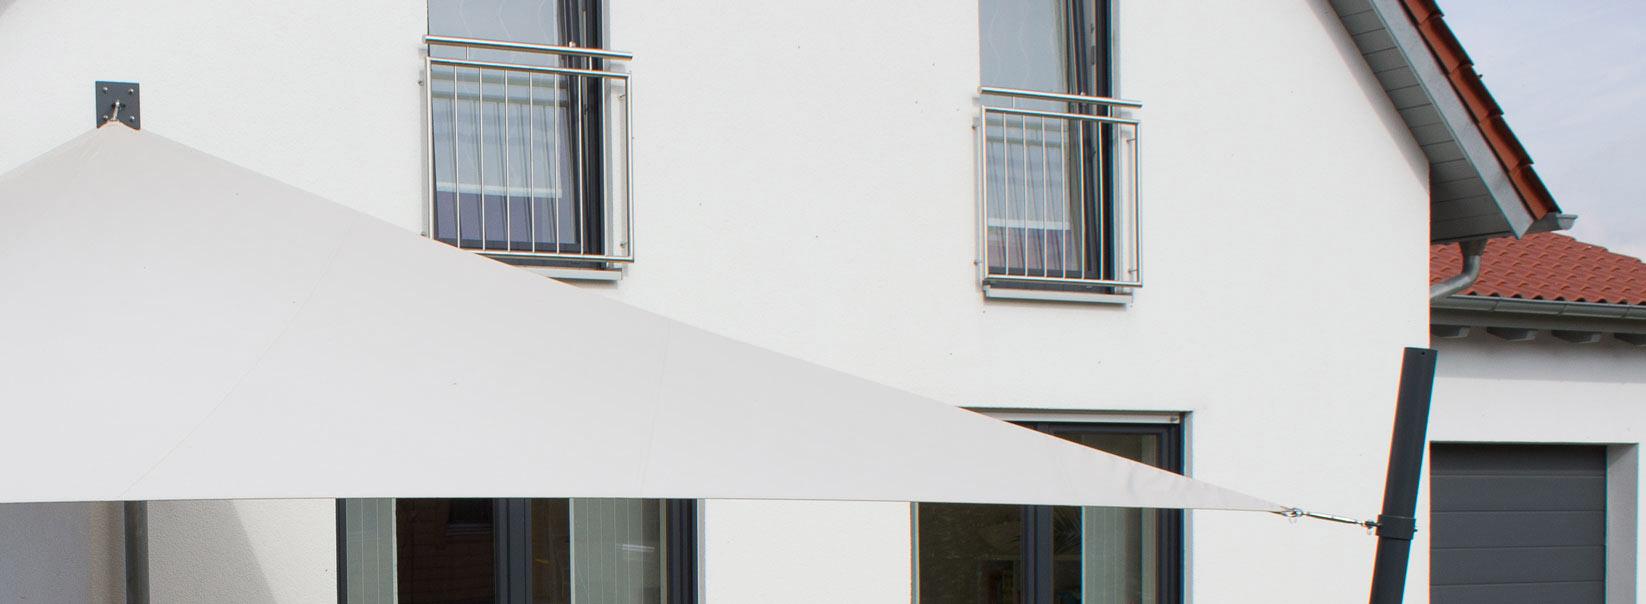 Sonnensegel-vorteile - Cm-sonnensegel By Chris Märtl Vorteile Sonnensegel Terrasse